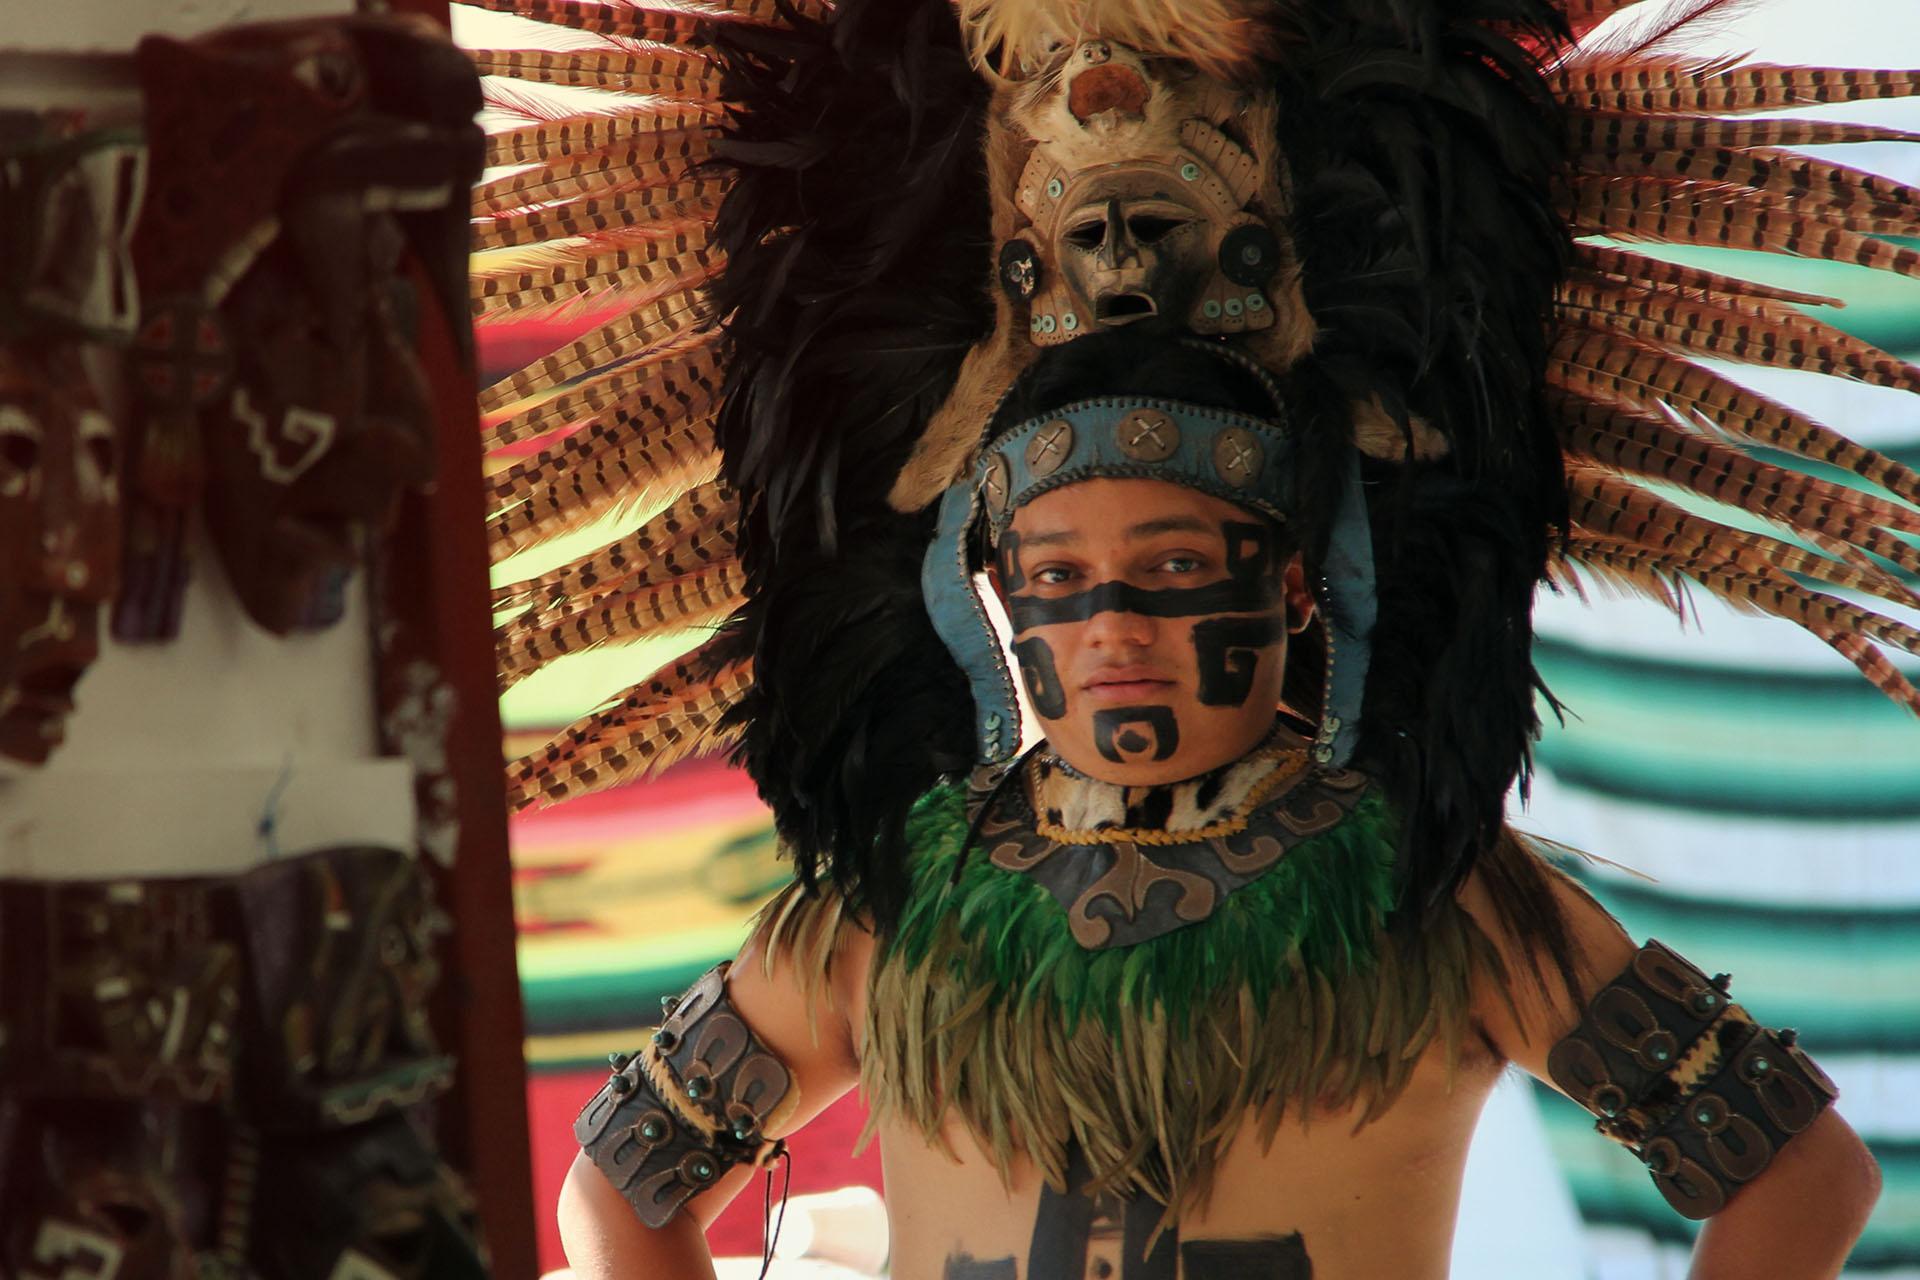 Un local vestido de guerrero maya en el local de artesanías.